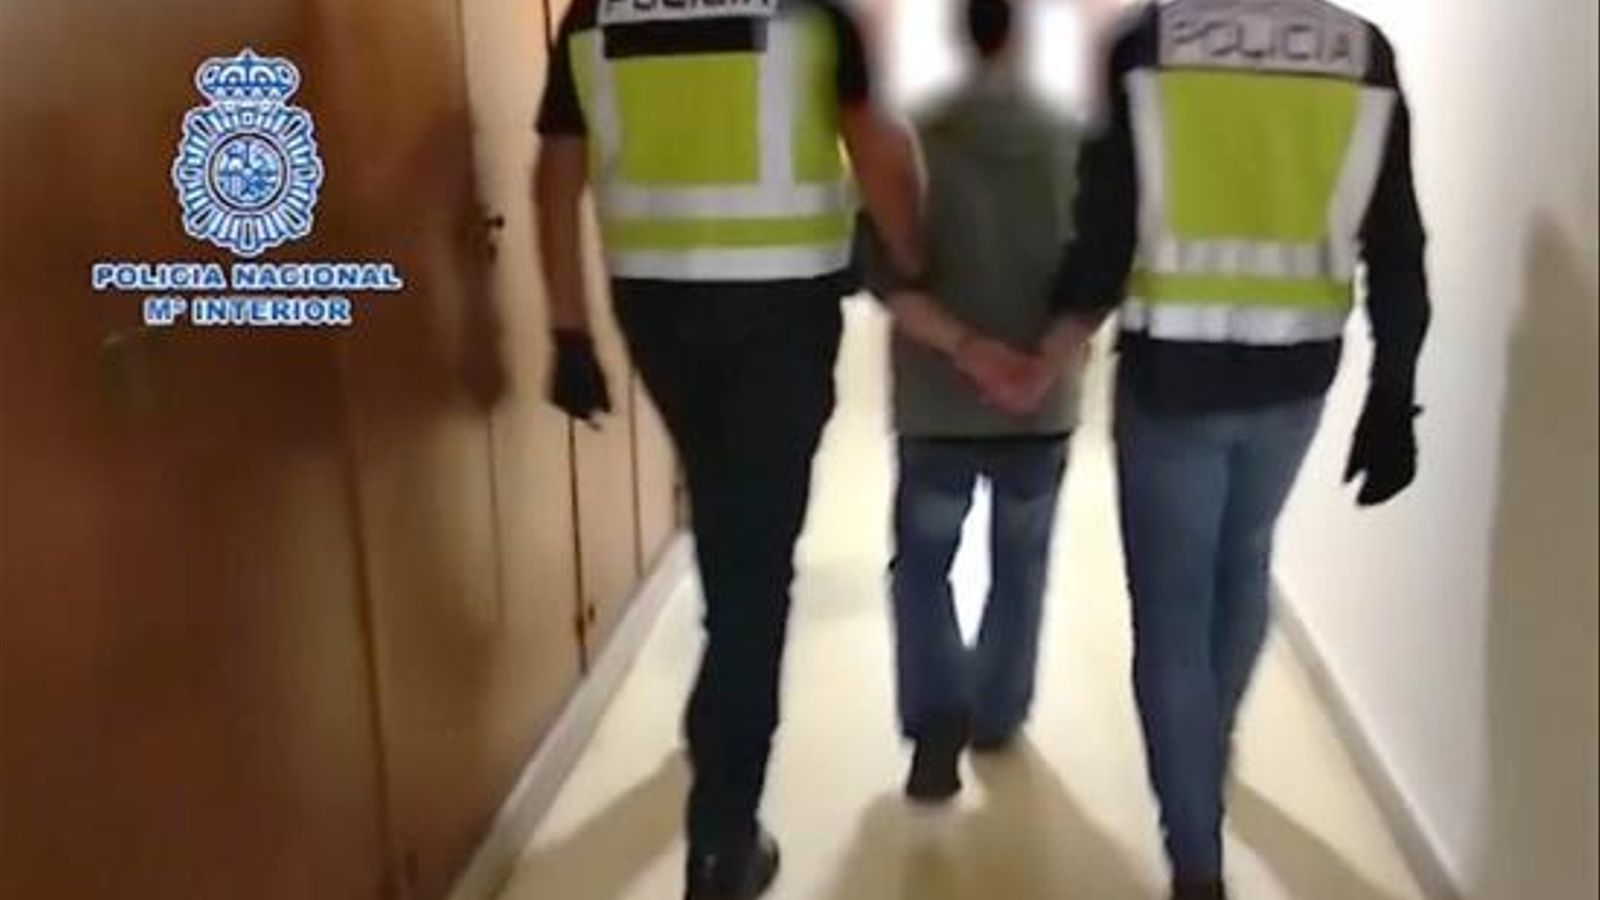 Imatge facilitada per la Policia Nacional de la detenció a Saragossa de César Román